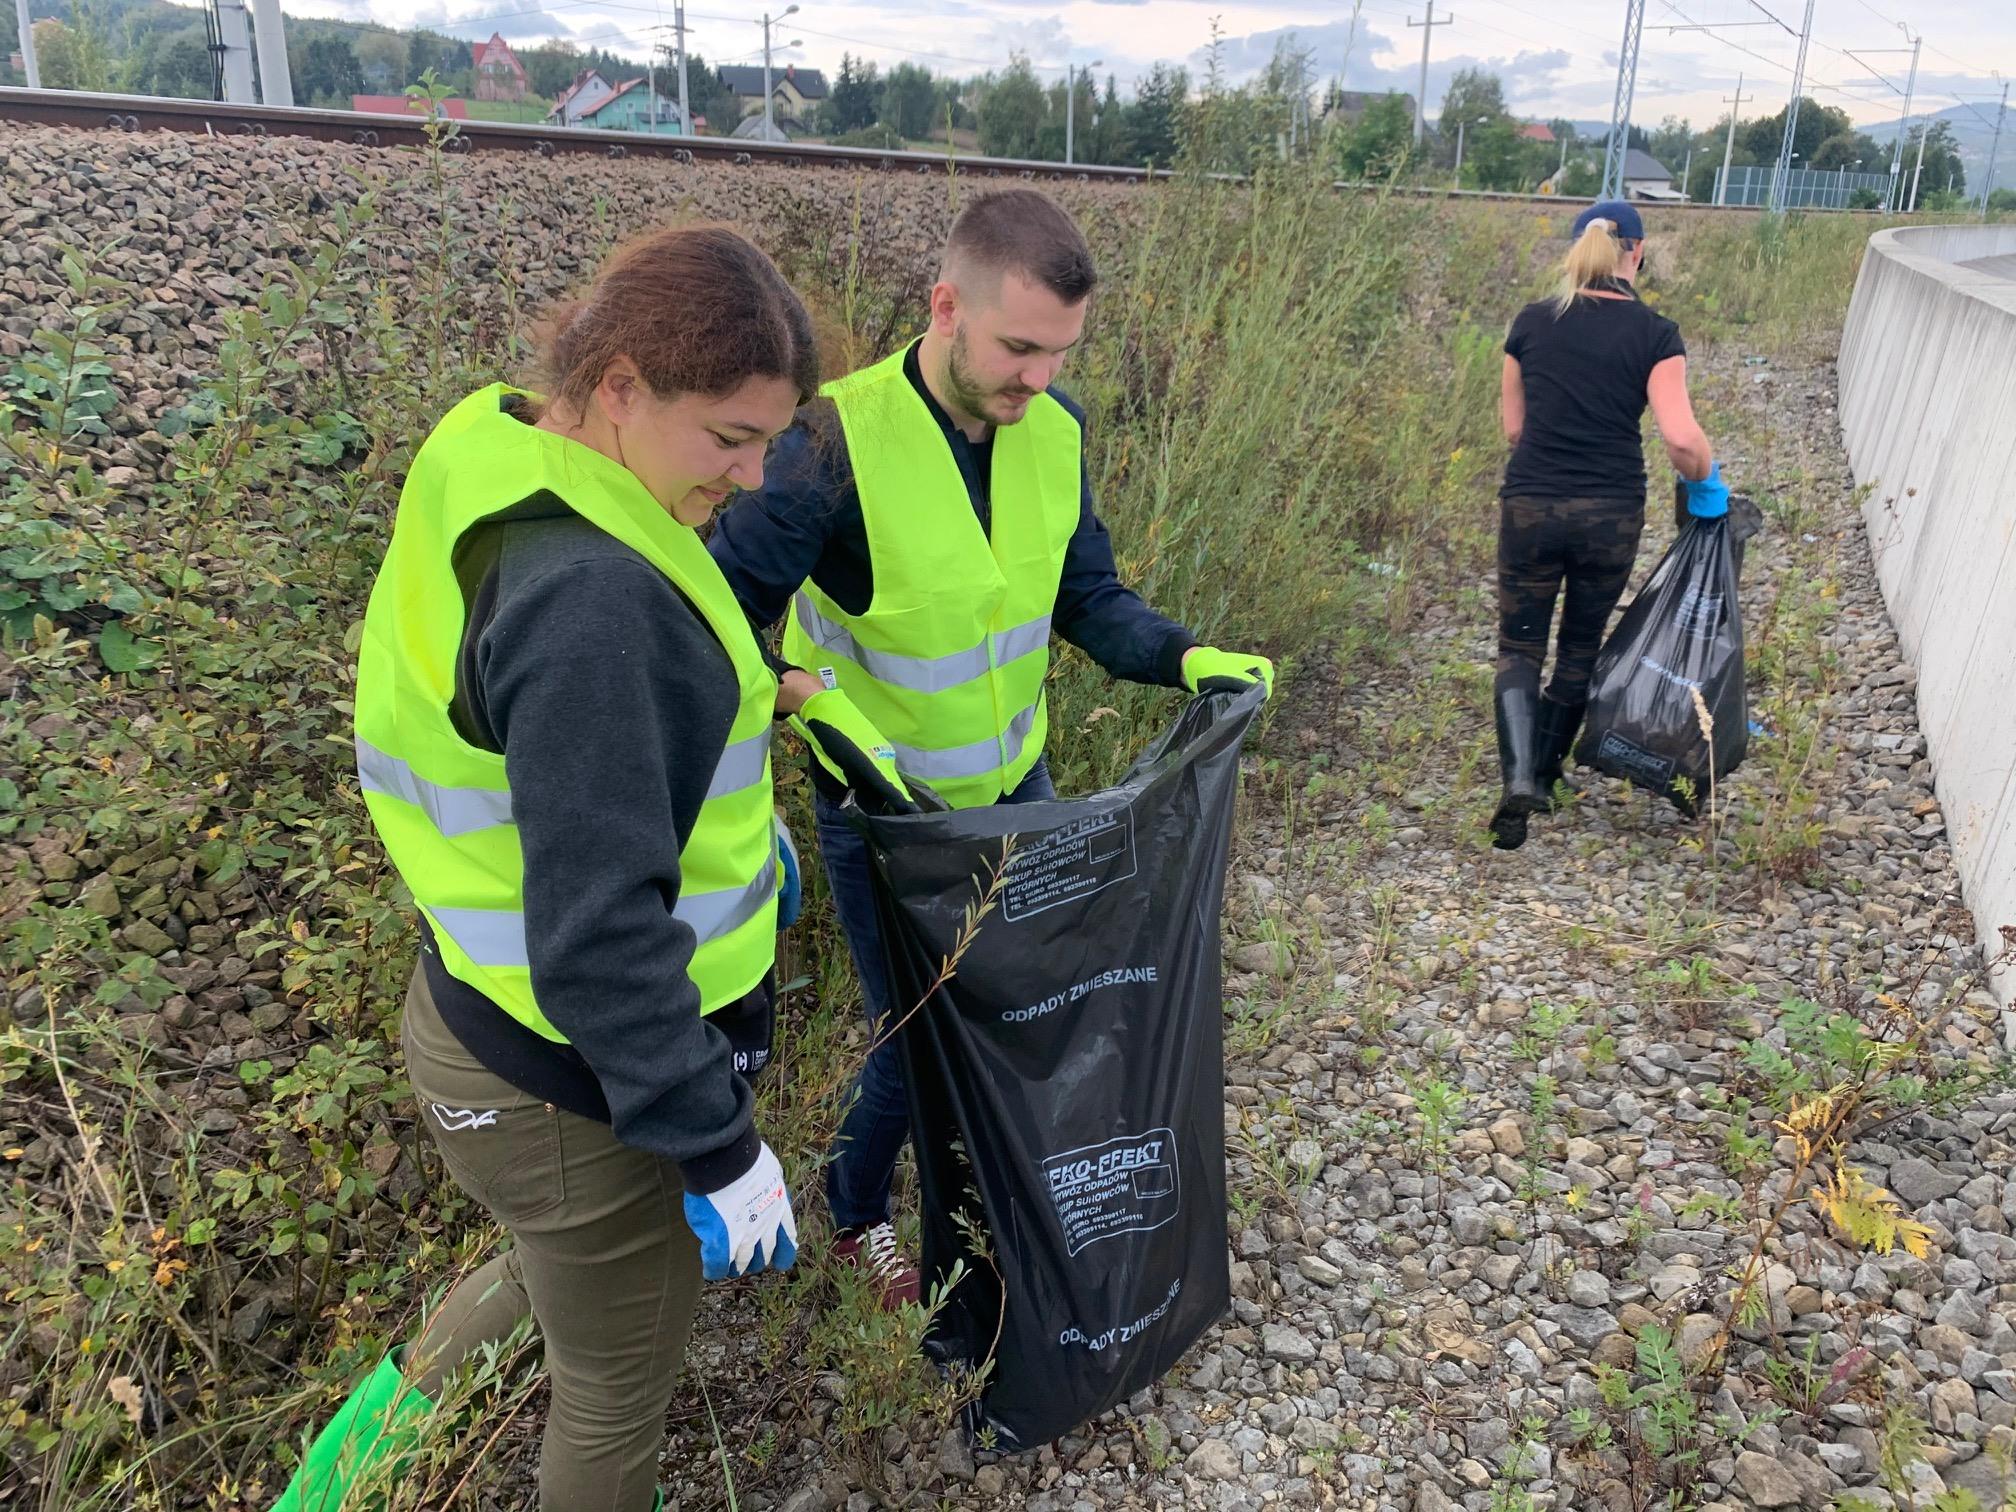 Zebrali blisko 600 worków śmieci nad brzegiem jeziora!